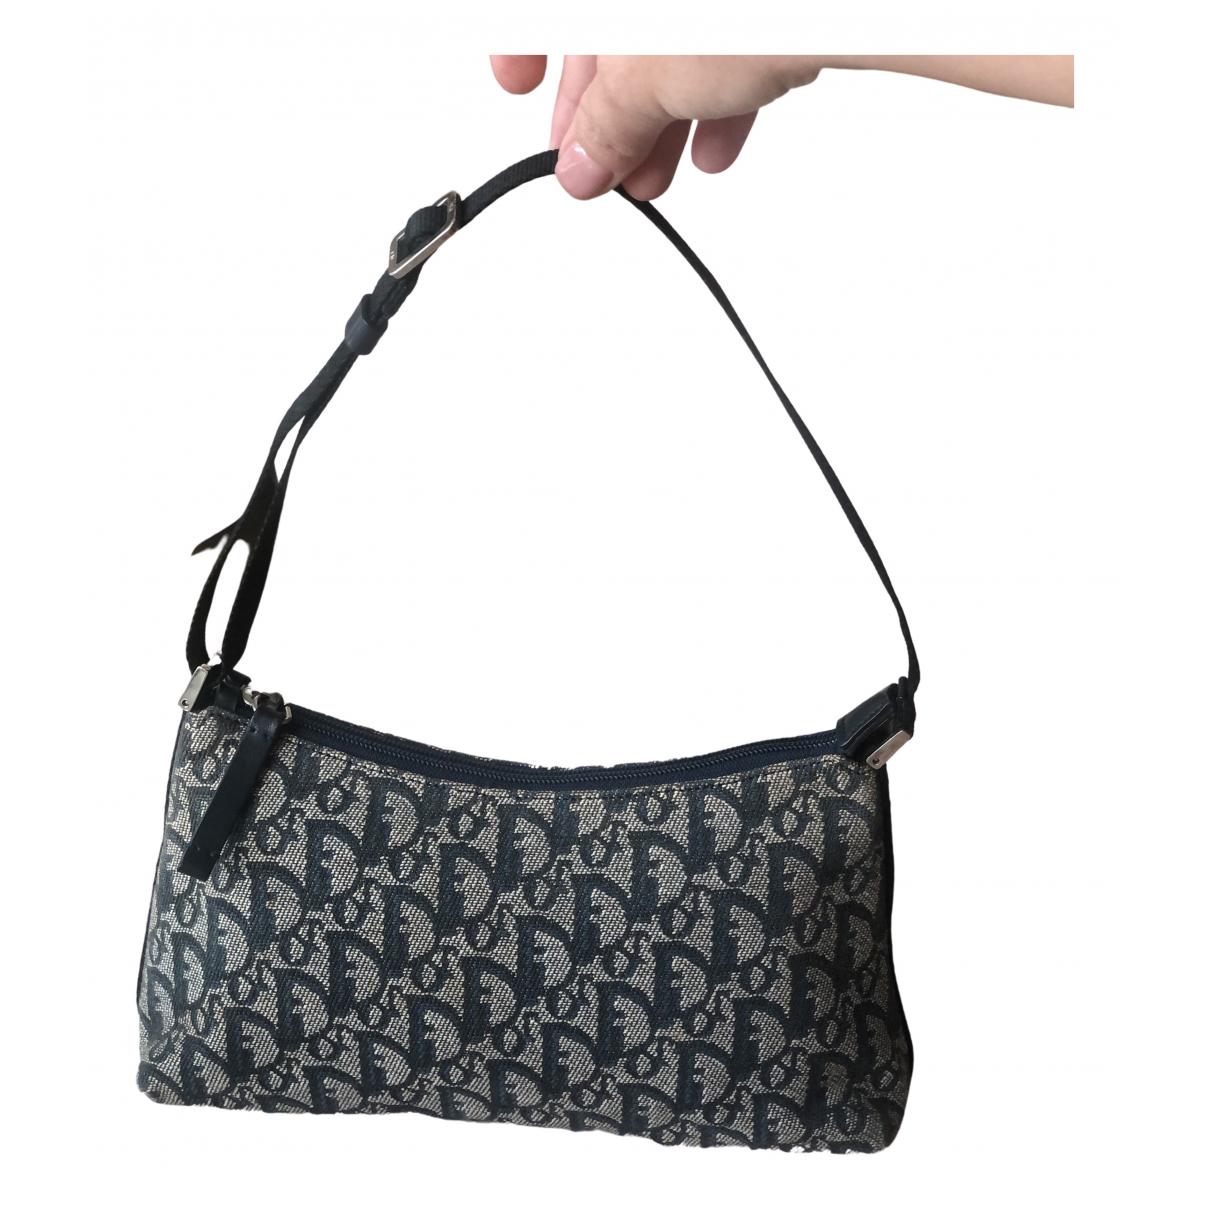 Dior \N Handtasche in  Schwarz Leinen